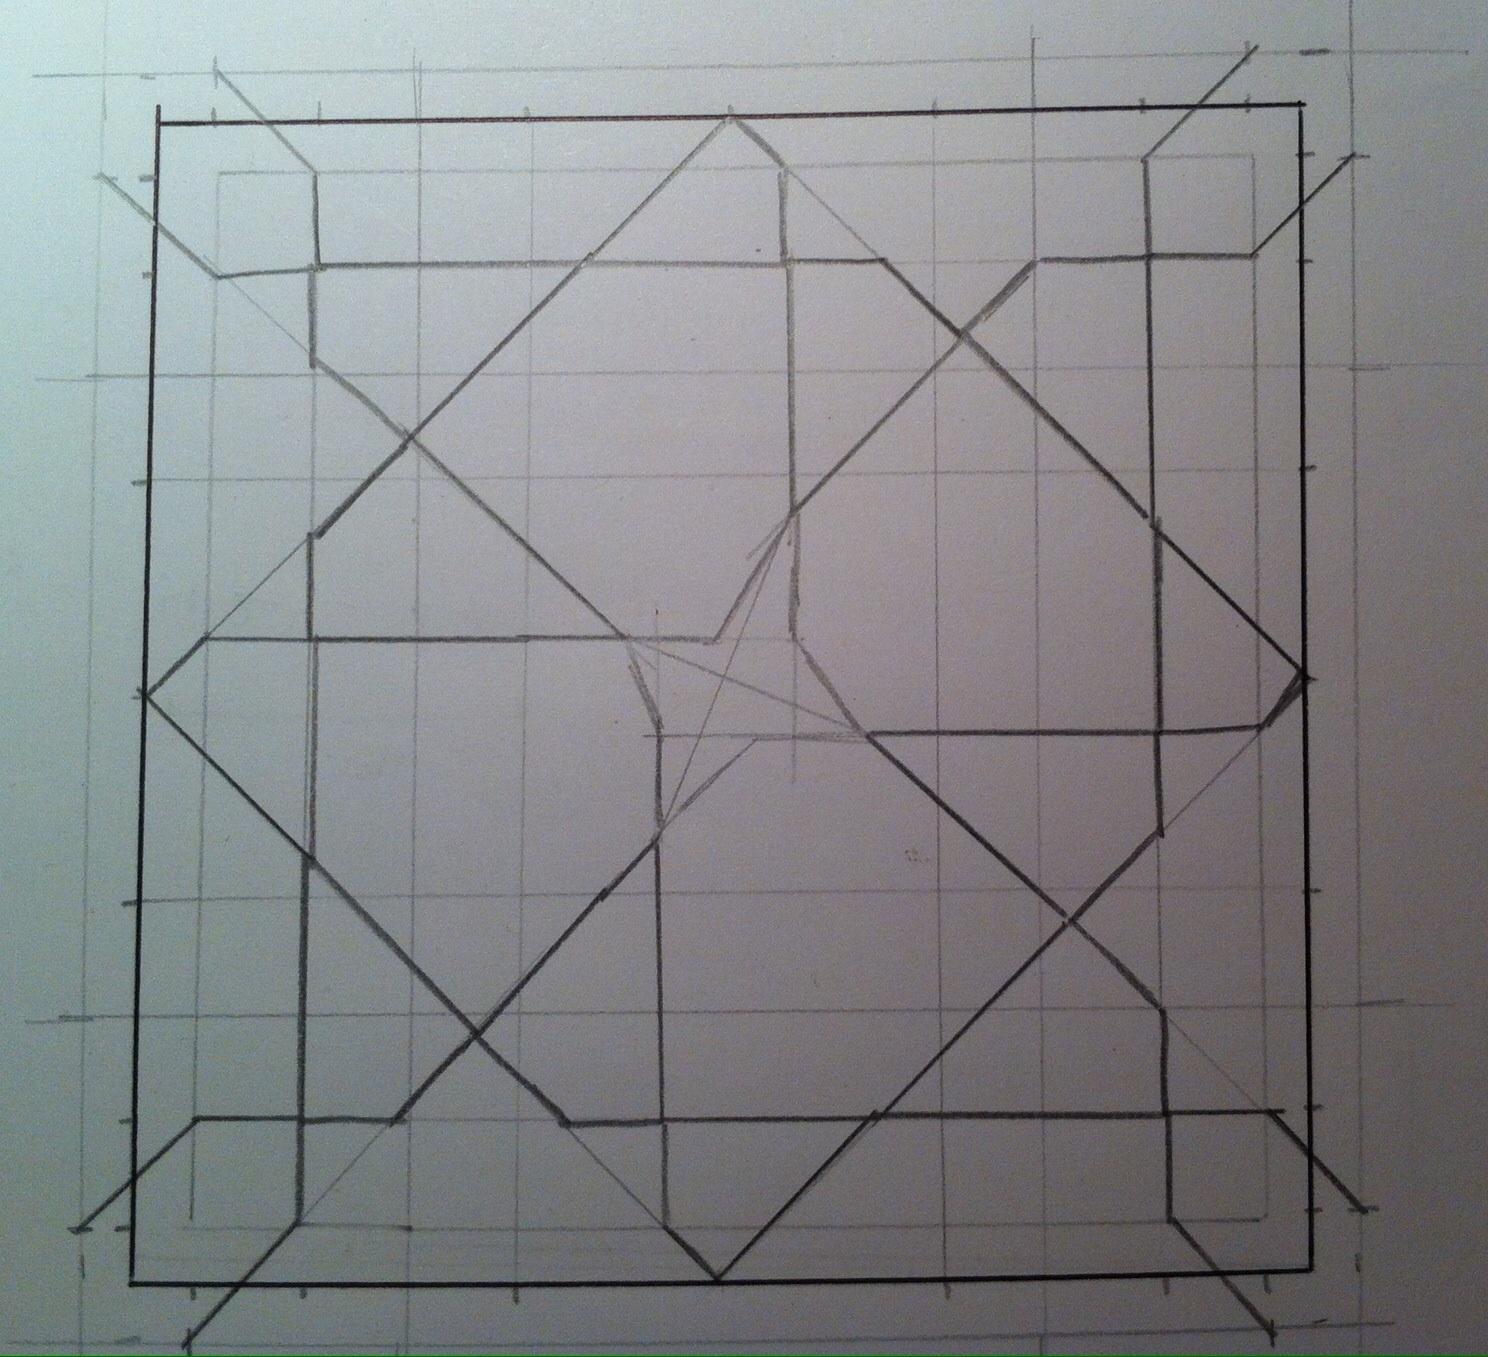 Patrones para colchas de patchwork best image with - Patrones colcha patchwork ...